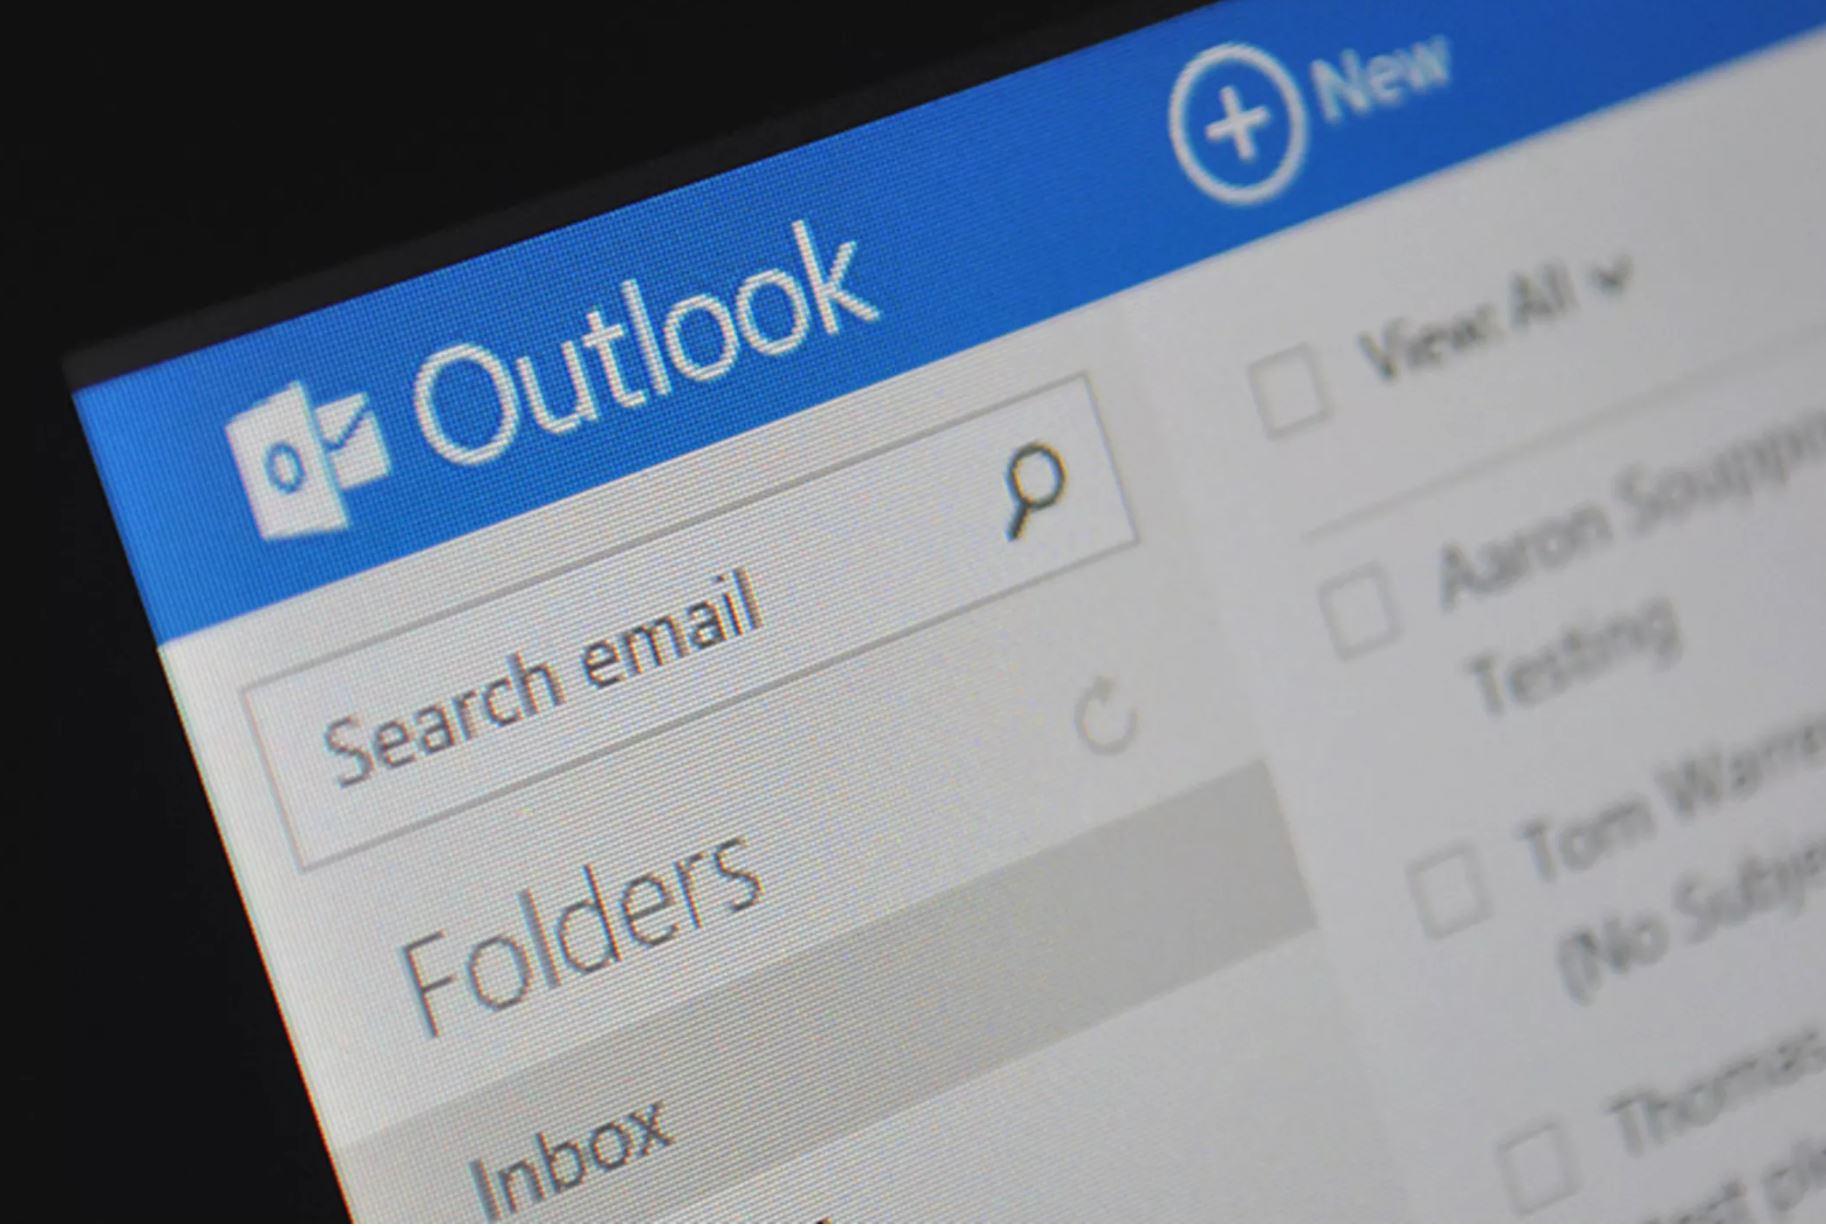 دسترسی مایکروسافت به هک شدن حساب های Outlook